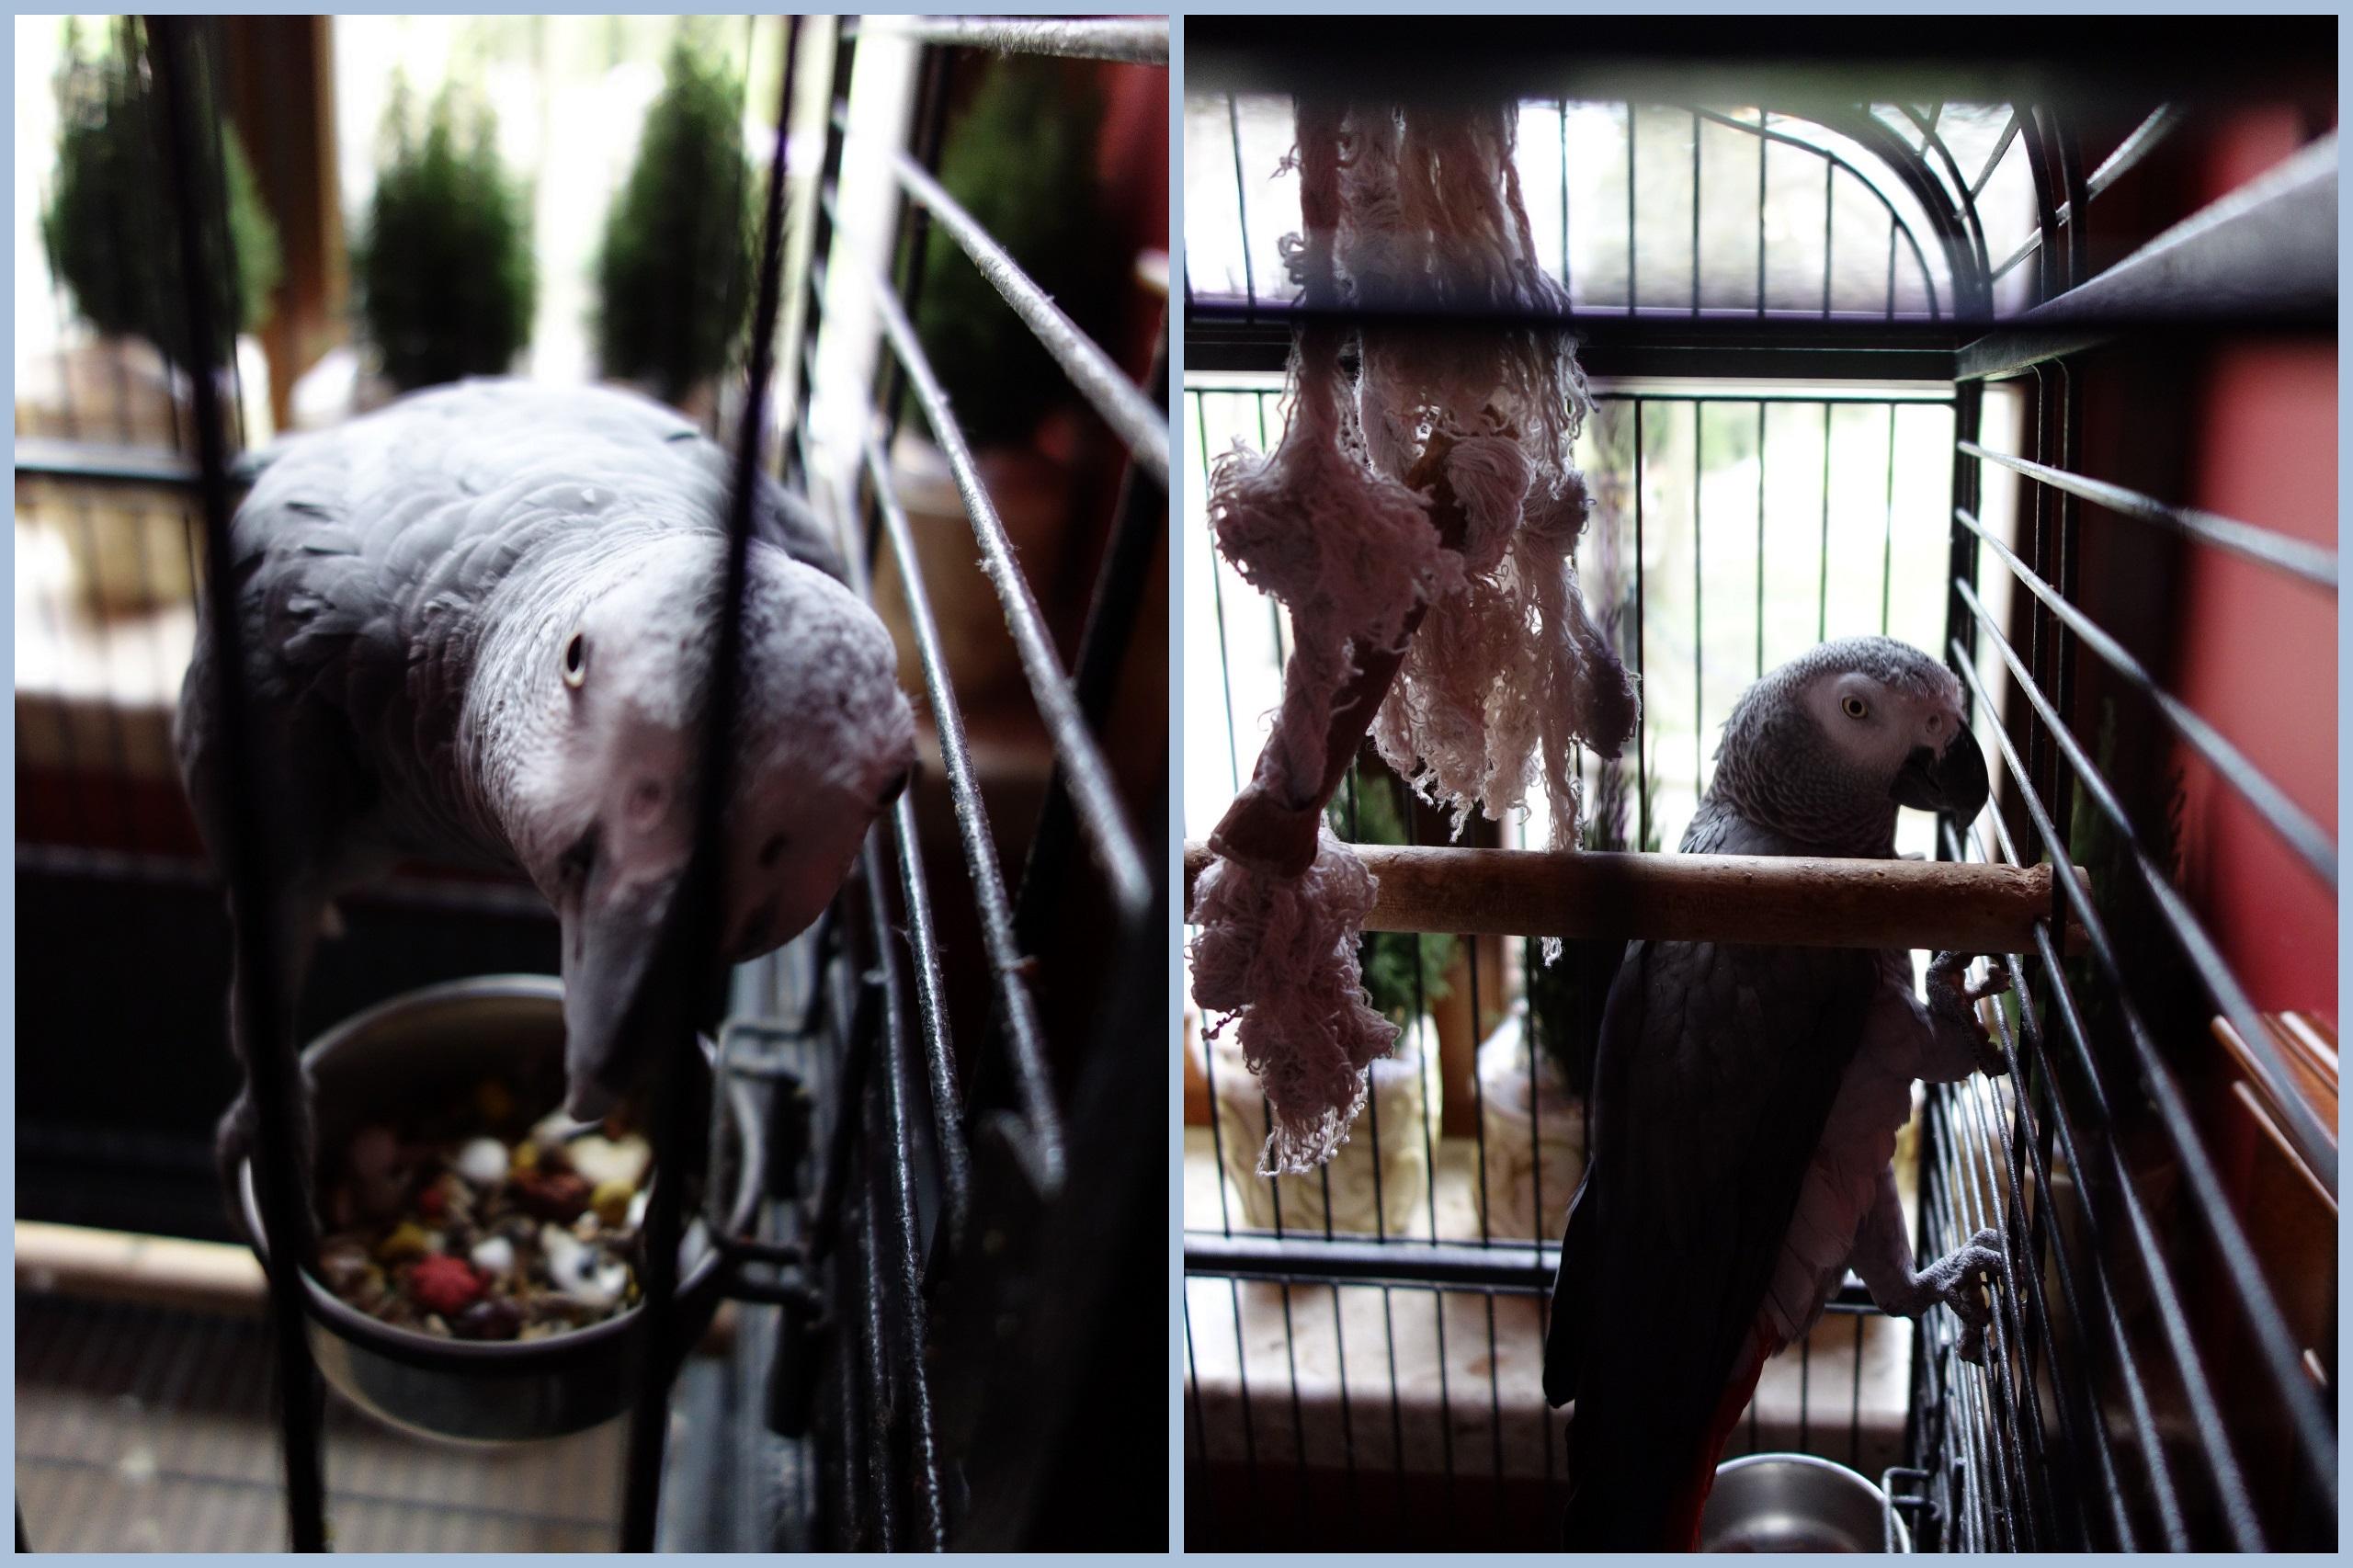 Zamkowa gadająca papuga - Zamek Dubiecko